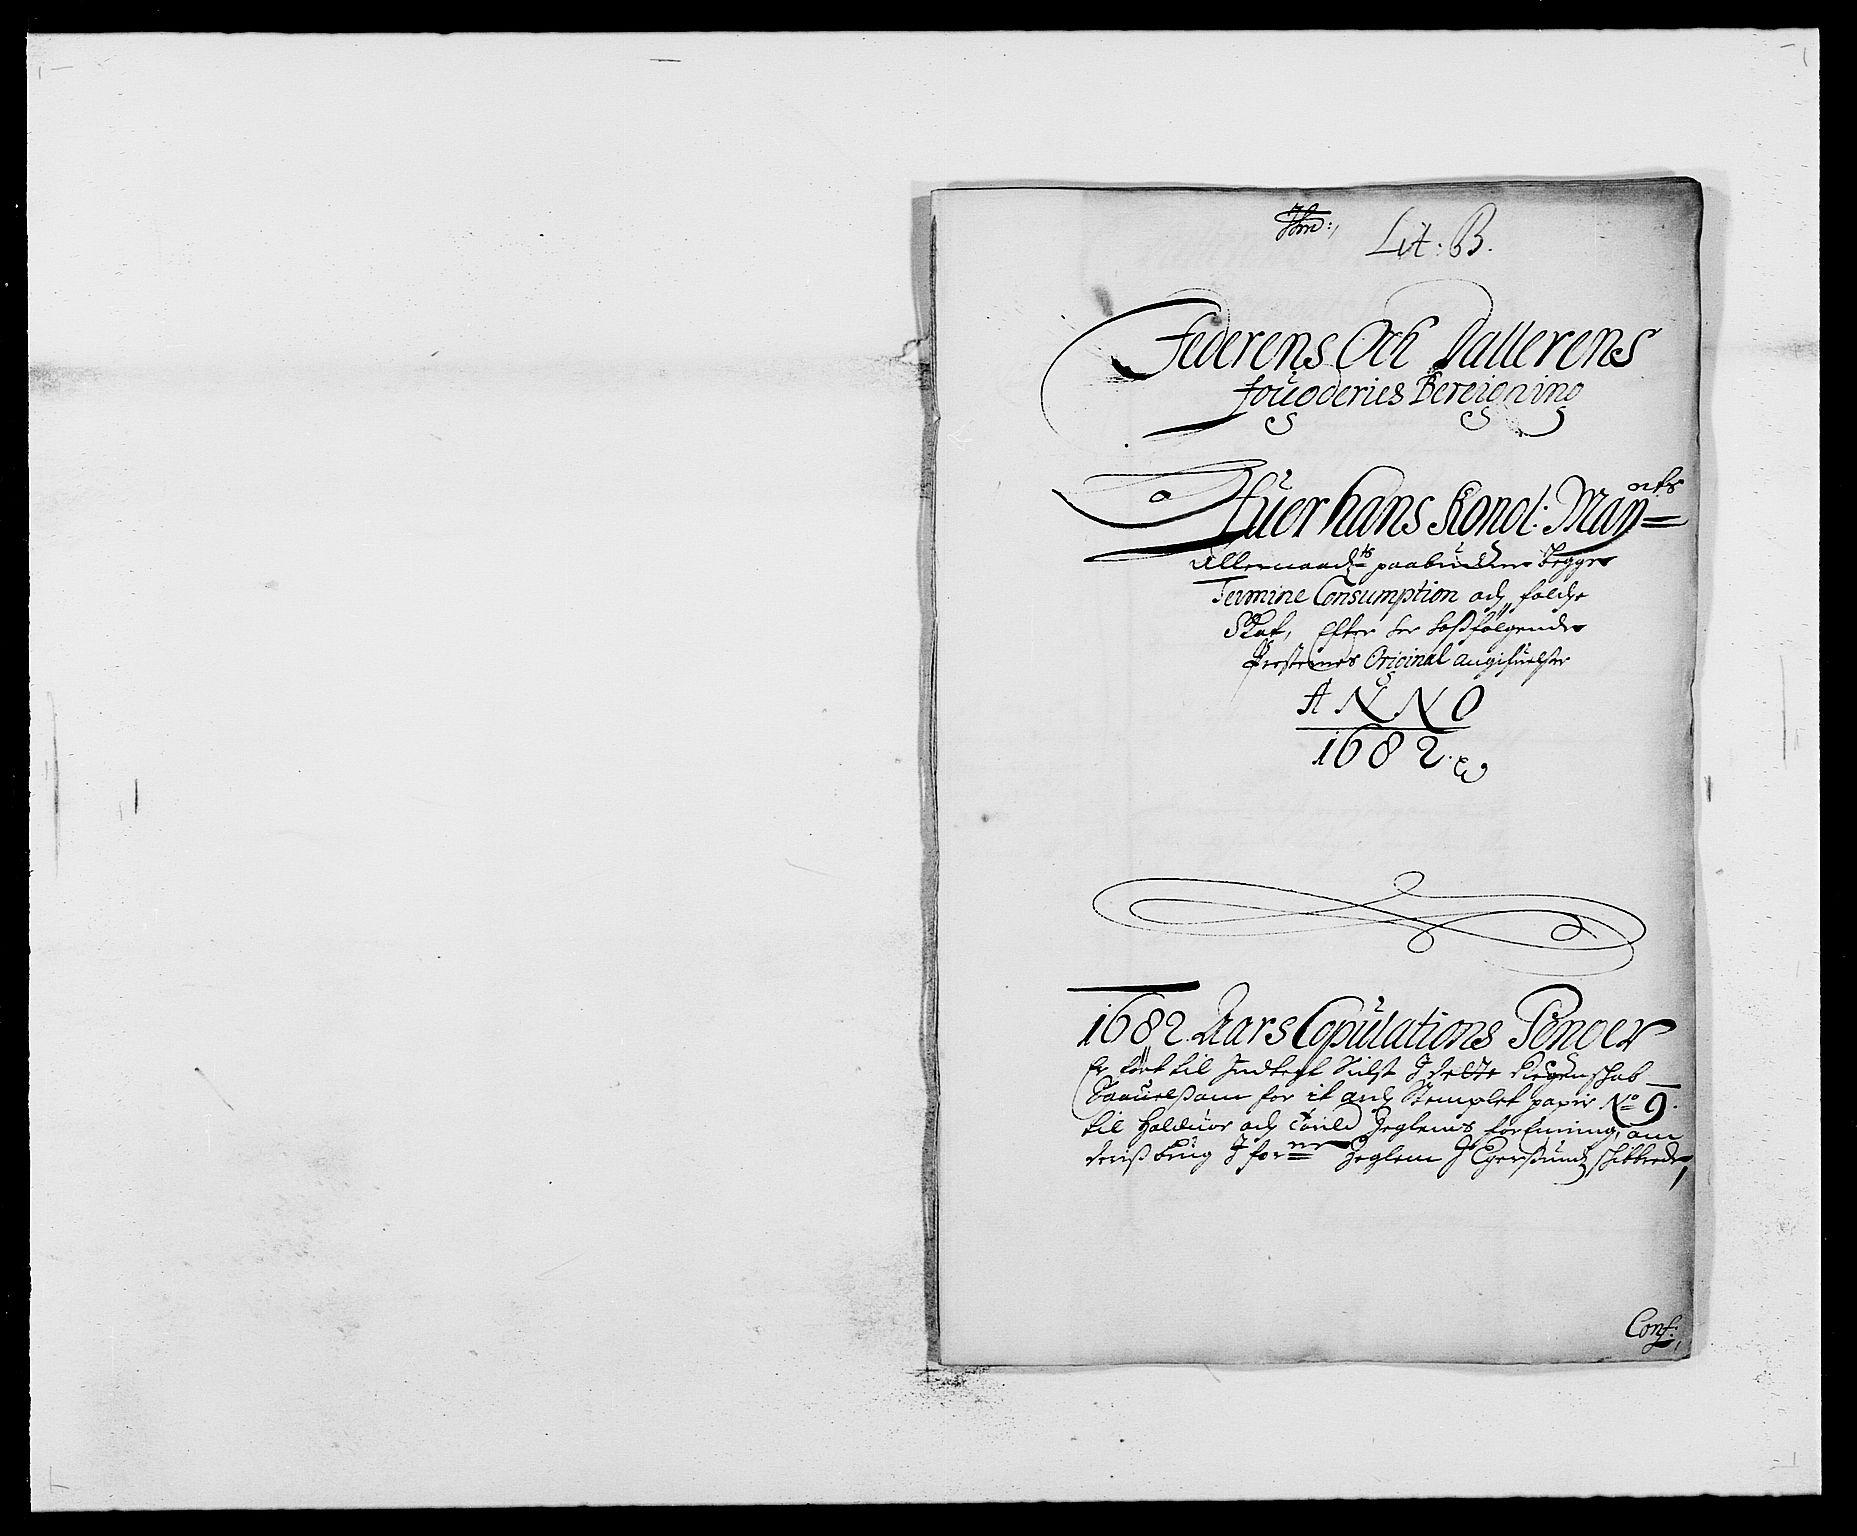 RA, Rentekammeret inntil 1814, Reviderte regnskaper, Fogderegnskap, R46/L2723: Fogderegnskap Jæren og Dalane, 1682-1684, s. 70